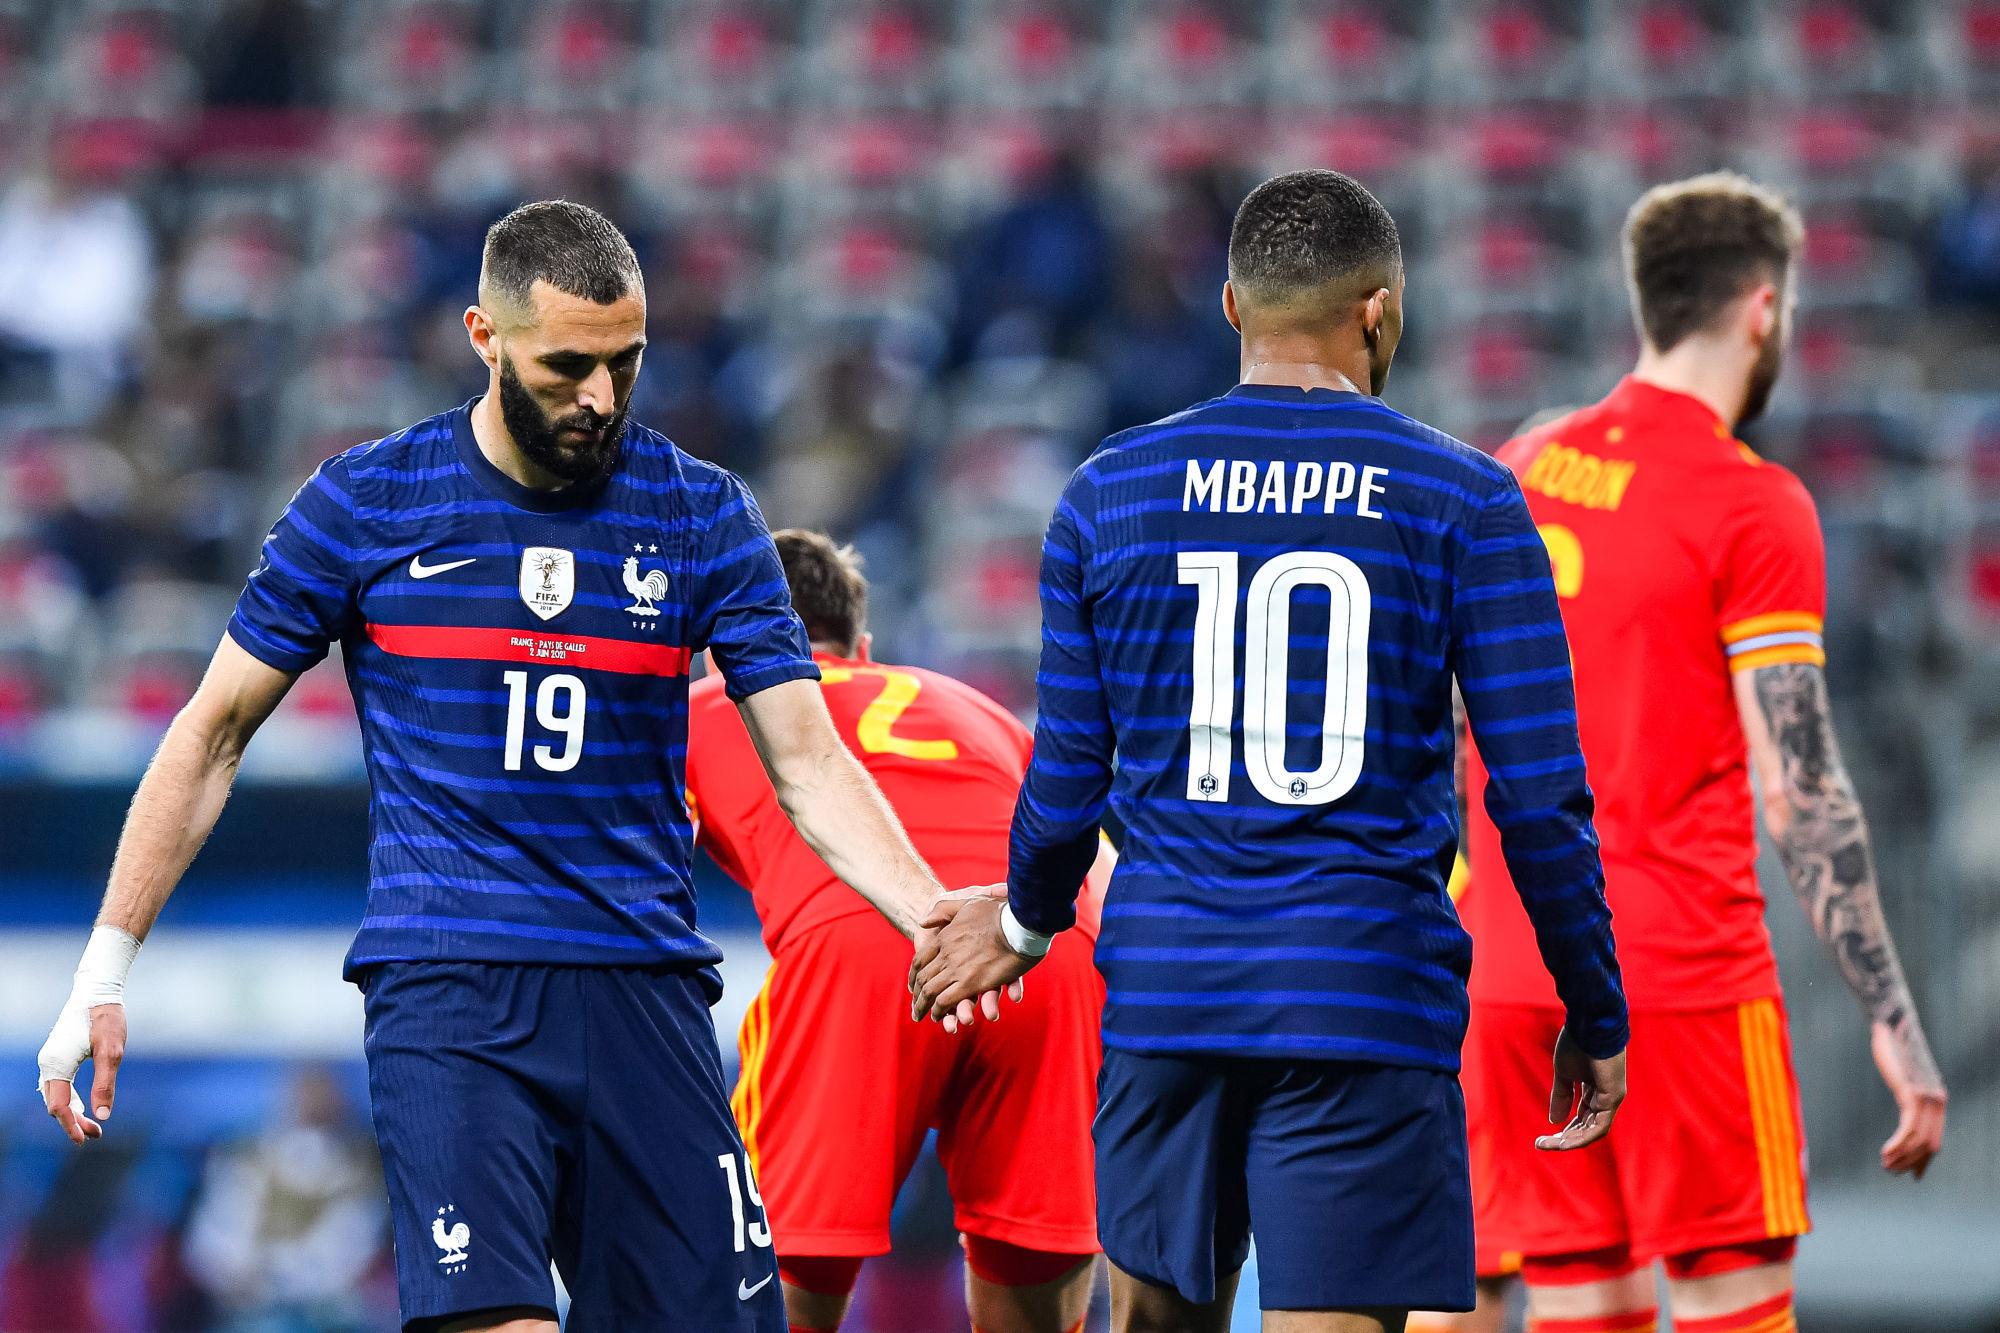 Mbappé se confie : Giroud, demande de joueurs, Benzema, critiques et travail